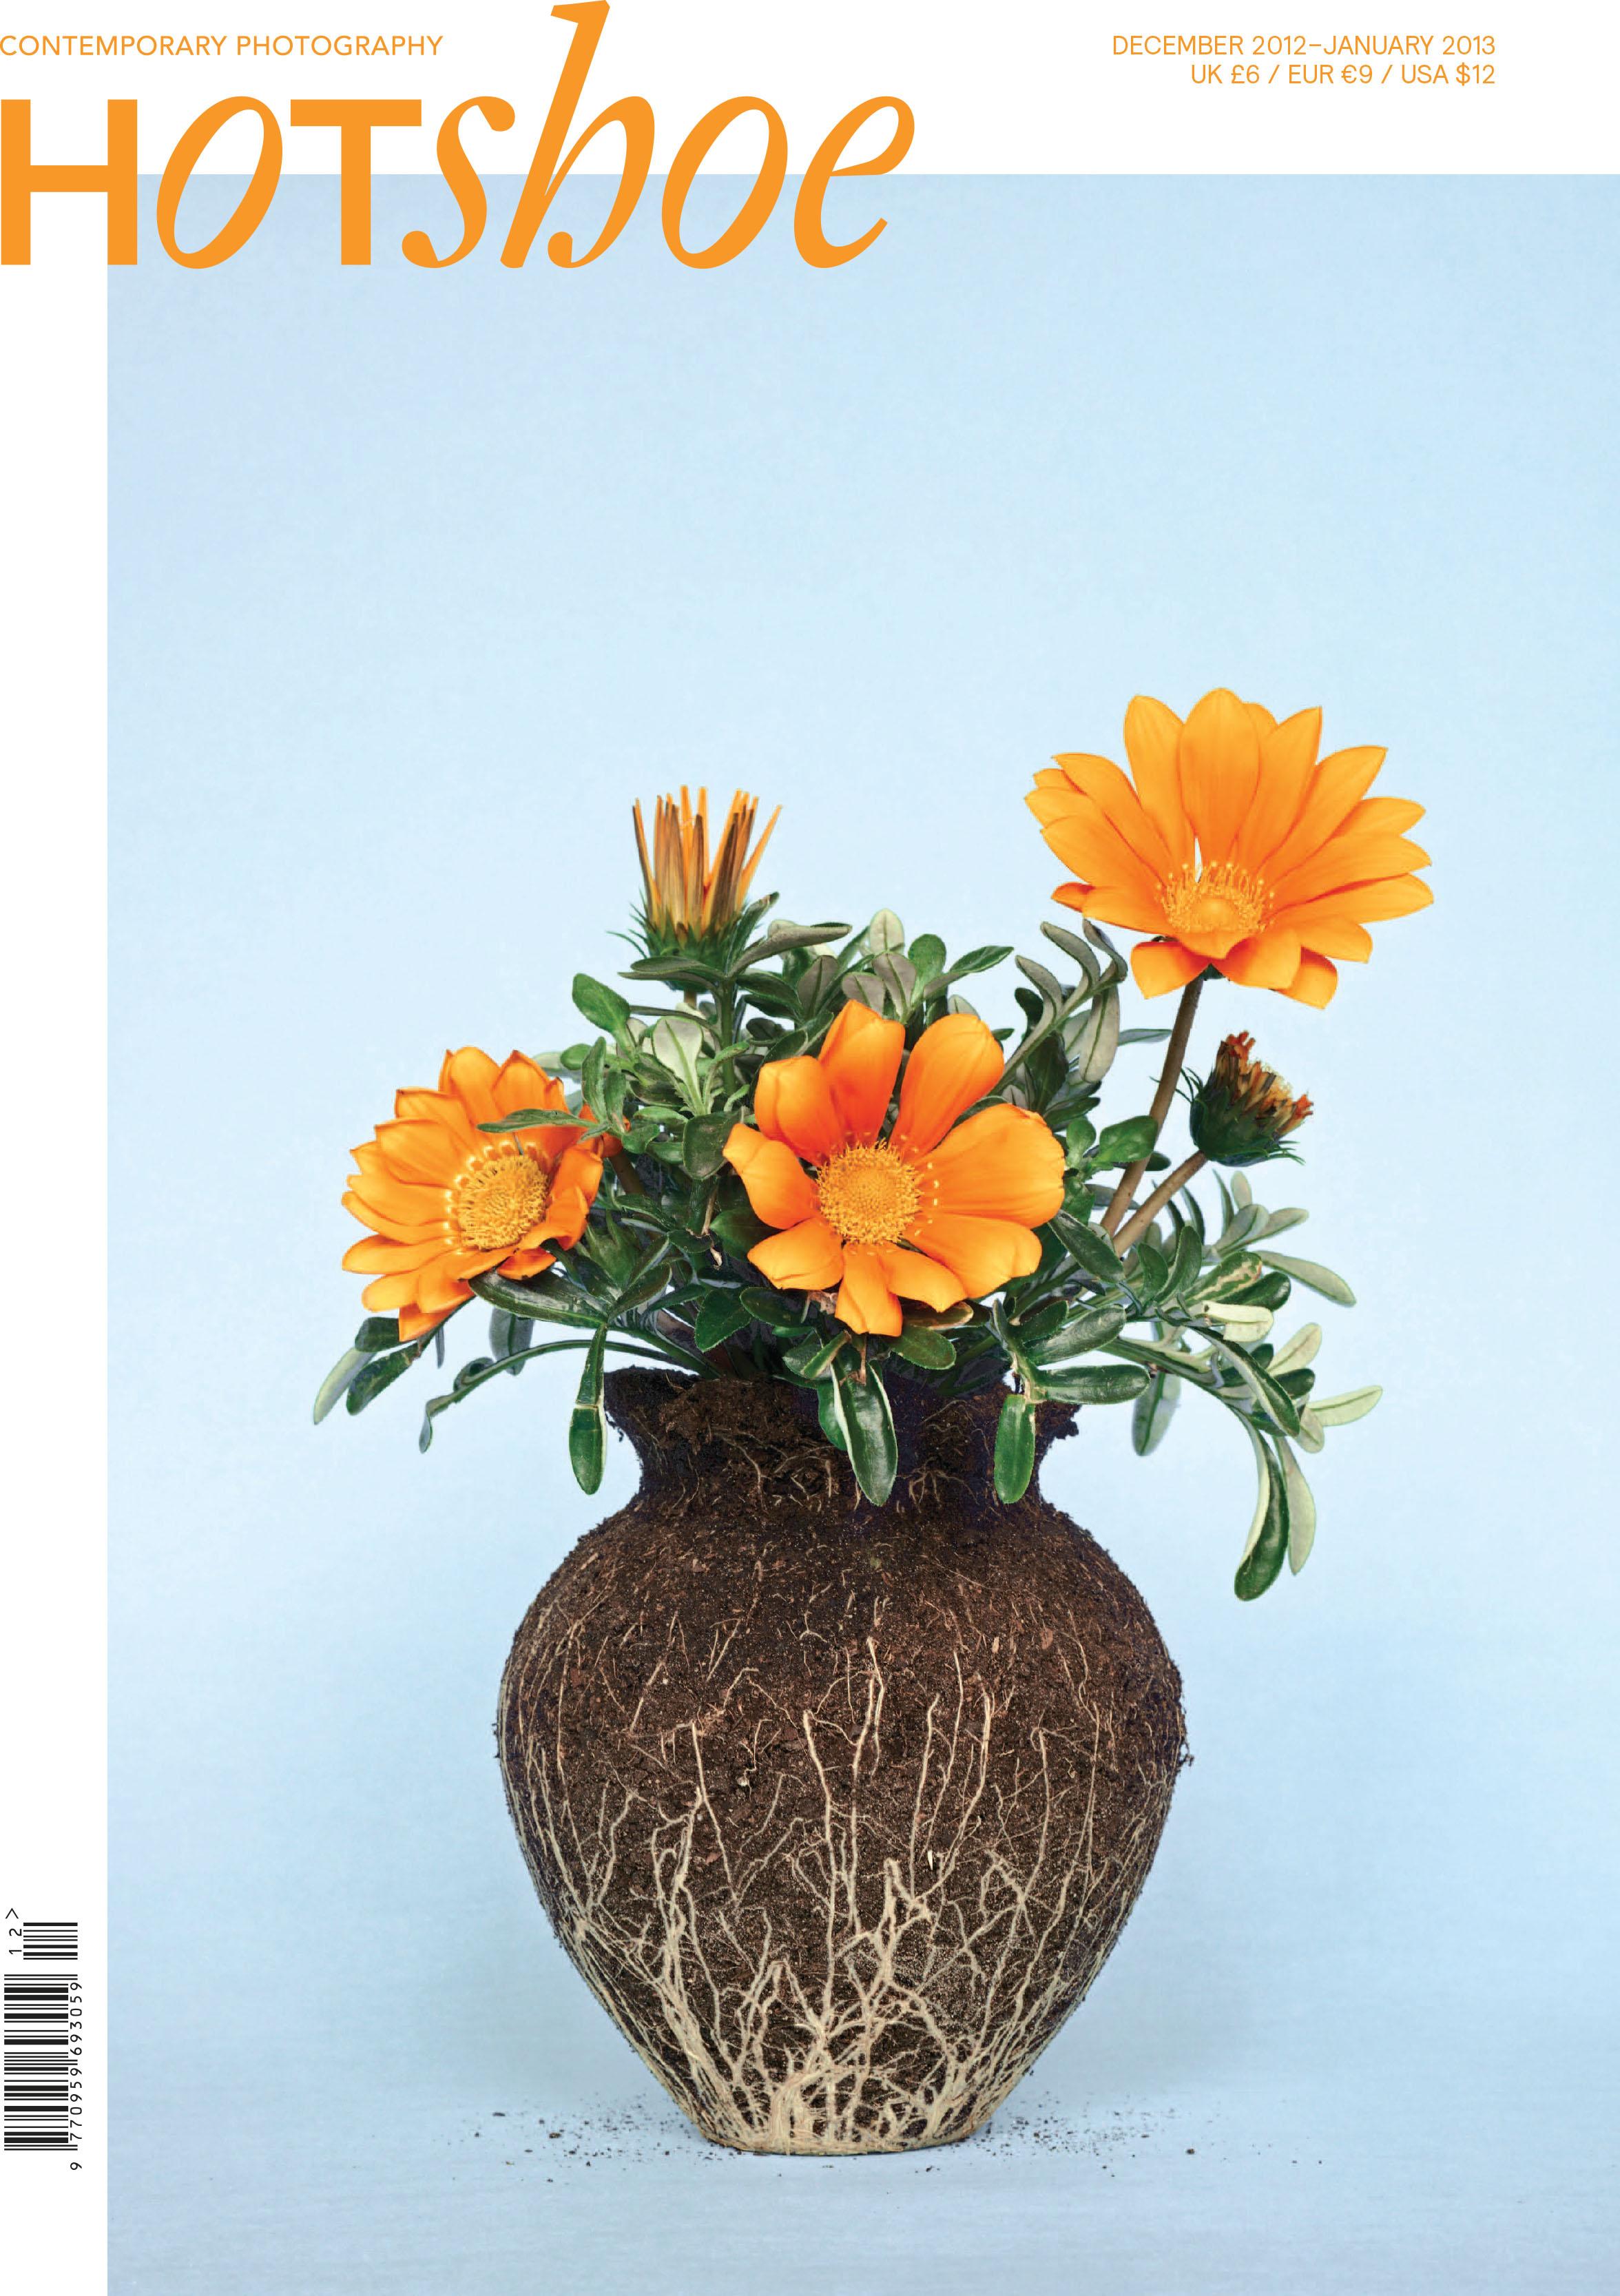 fleur_hotshoe_12_12-1.jpg